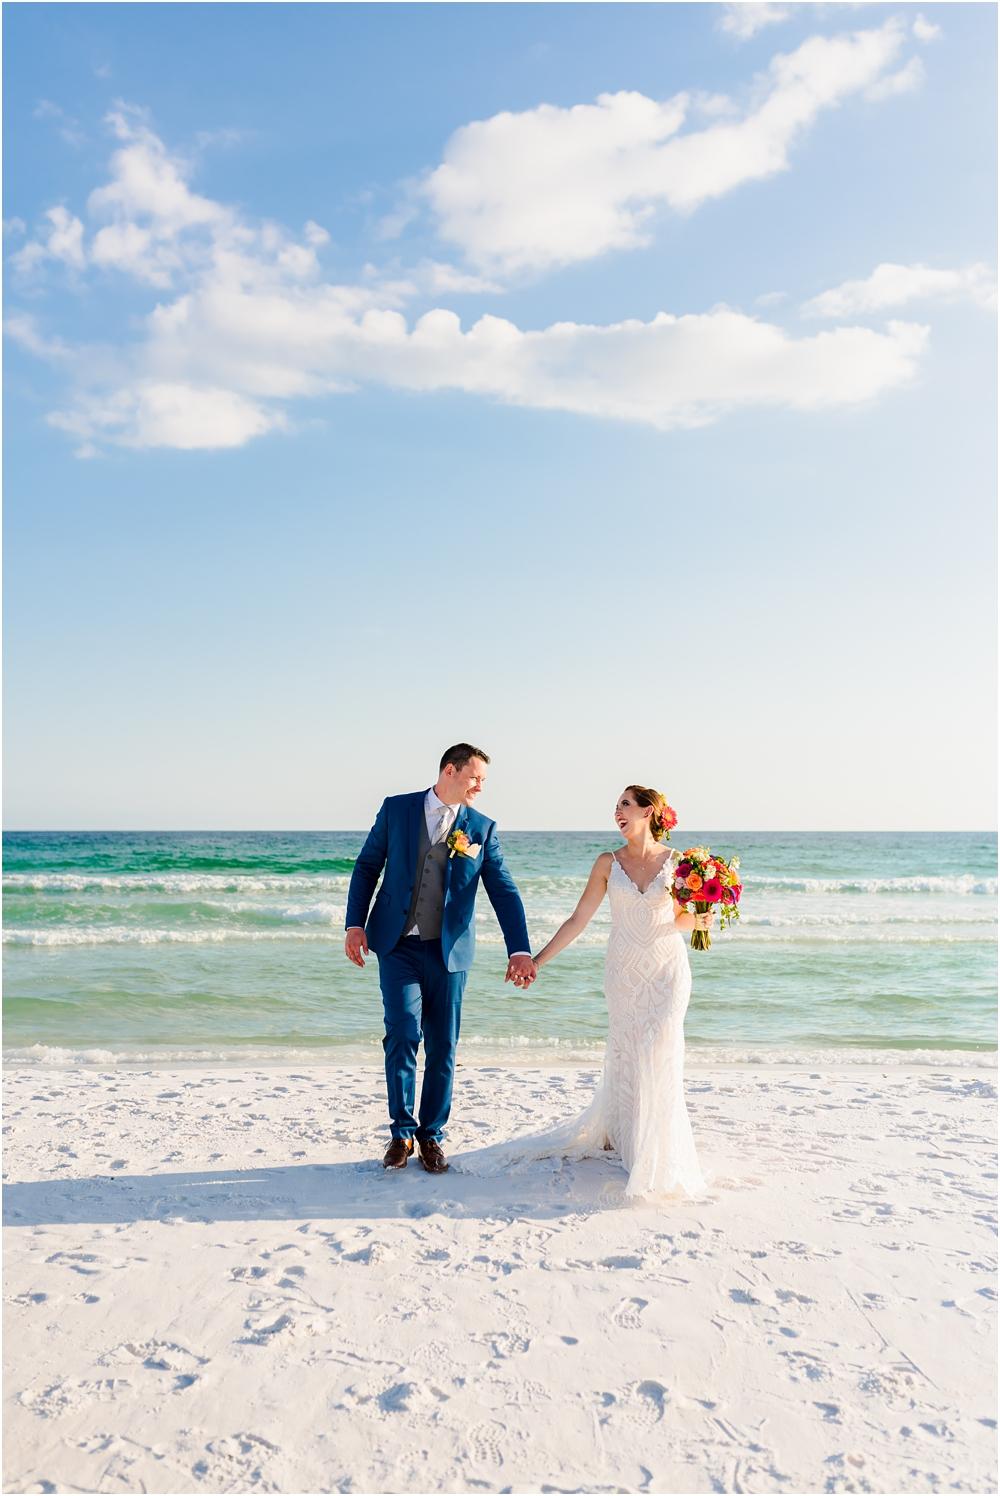 destin-sunquest-cruise-wedding-kiersten-stevenson-photography-92.jpg